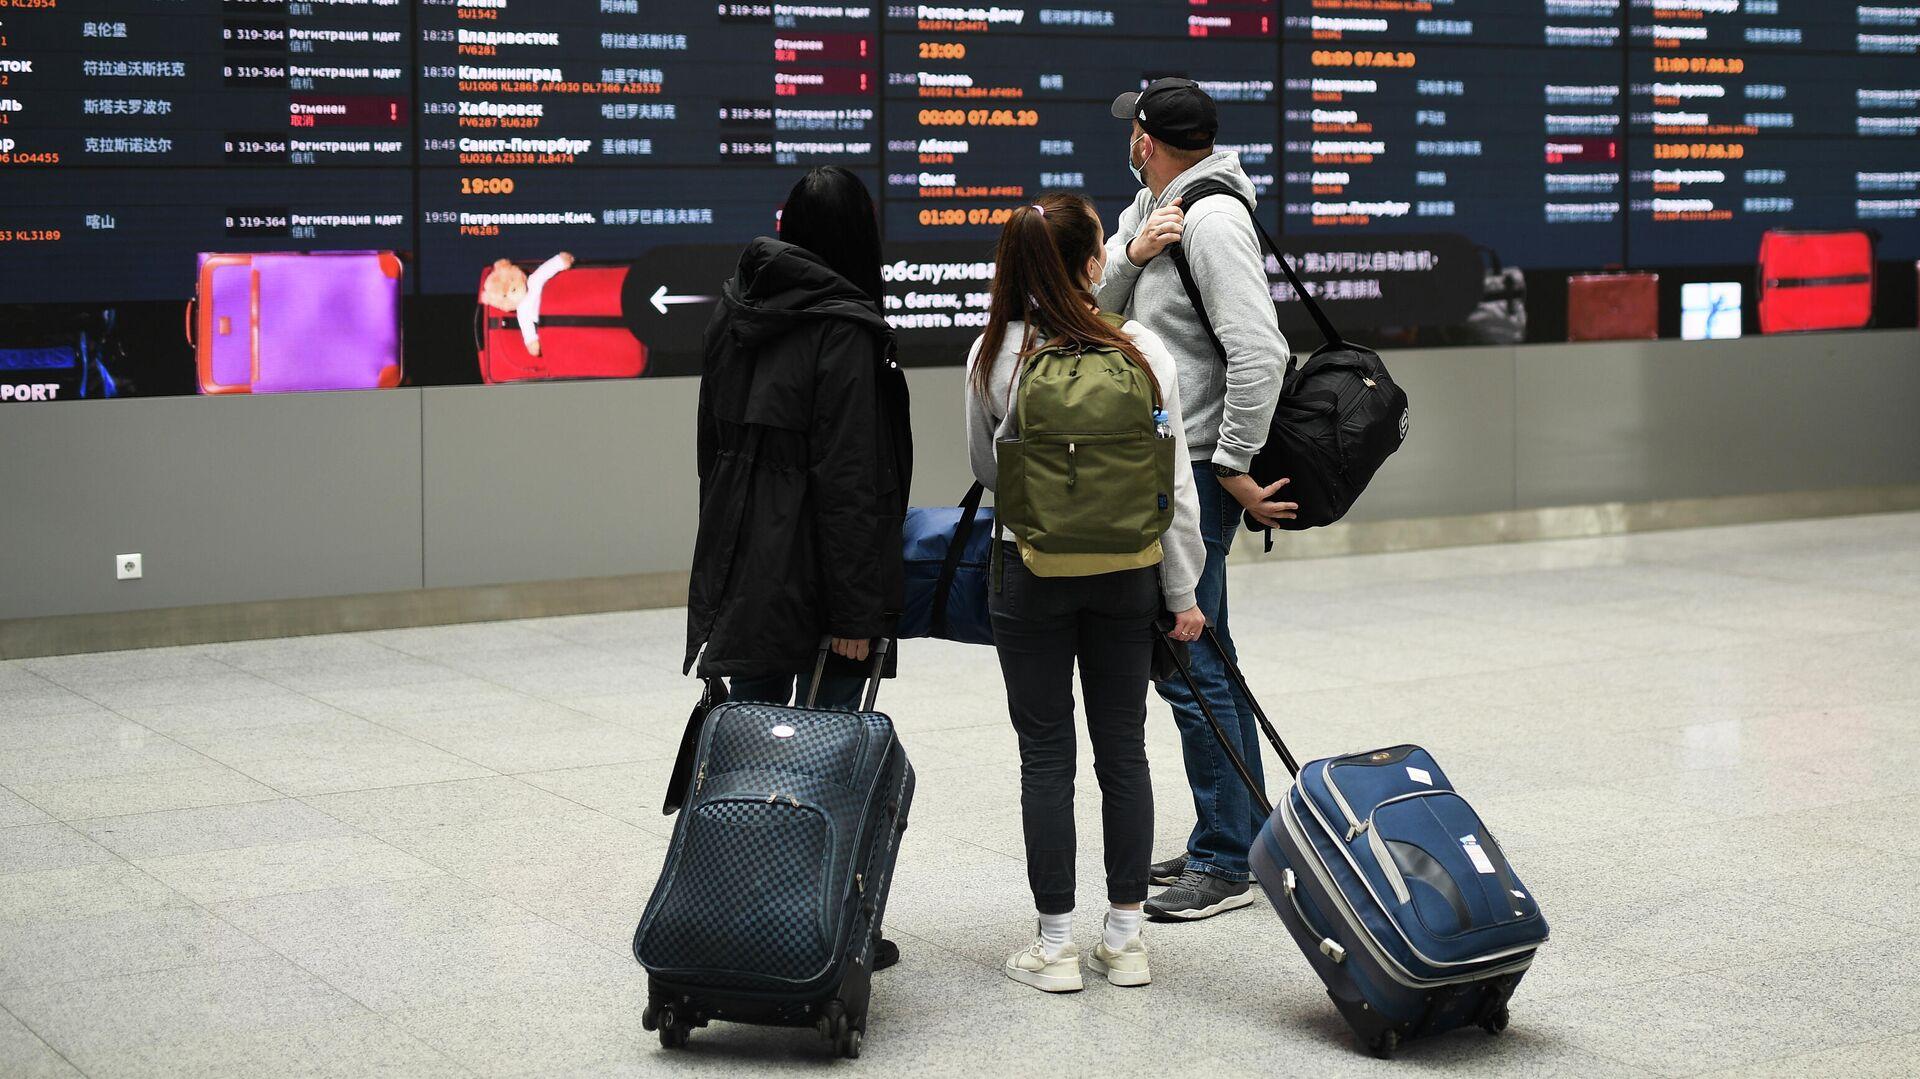 Люди в аэропорту Шереметьево в Москве - РИА Новости, 1920, 10.06.2021